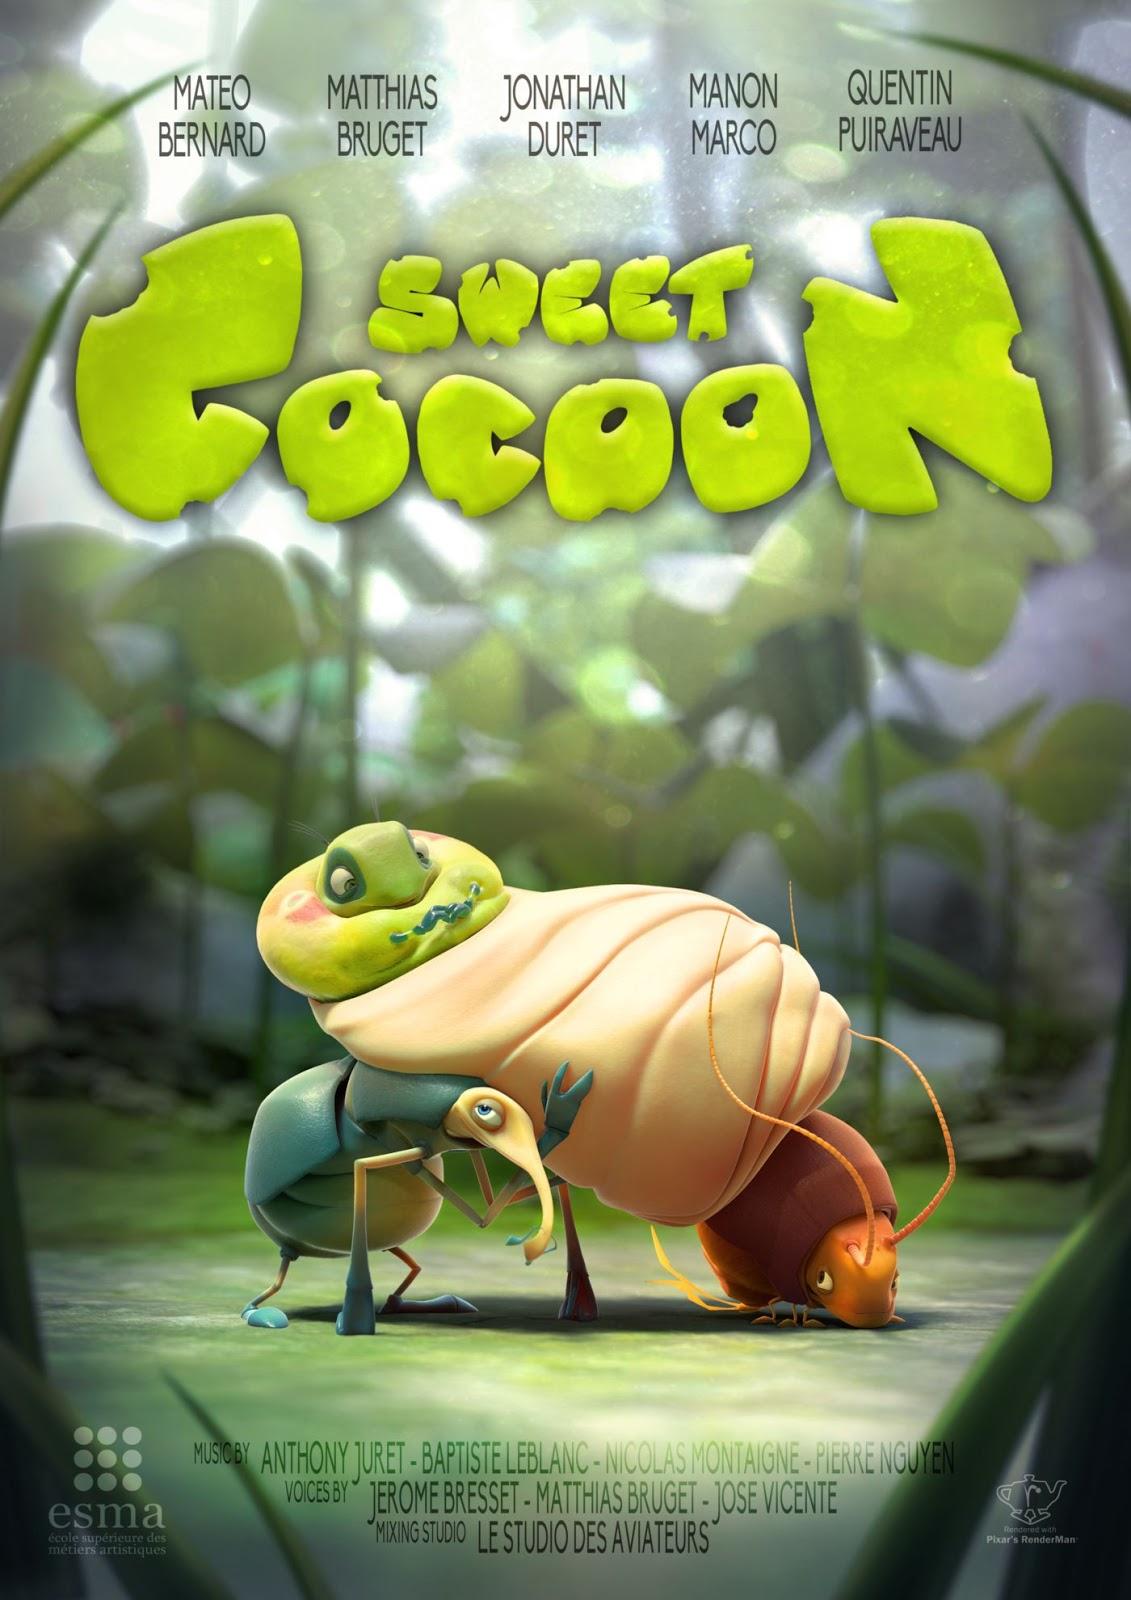 LA MEJOR ANIMACIÓN: Sweet Cocoon de M. Bernard, M. Bruget, J. Duret ...